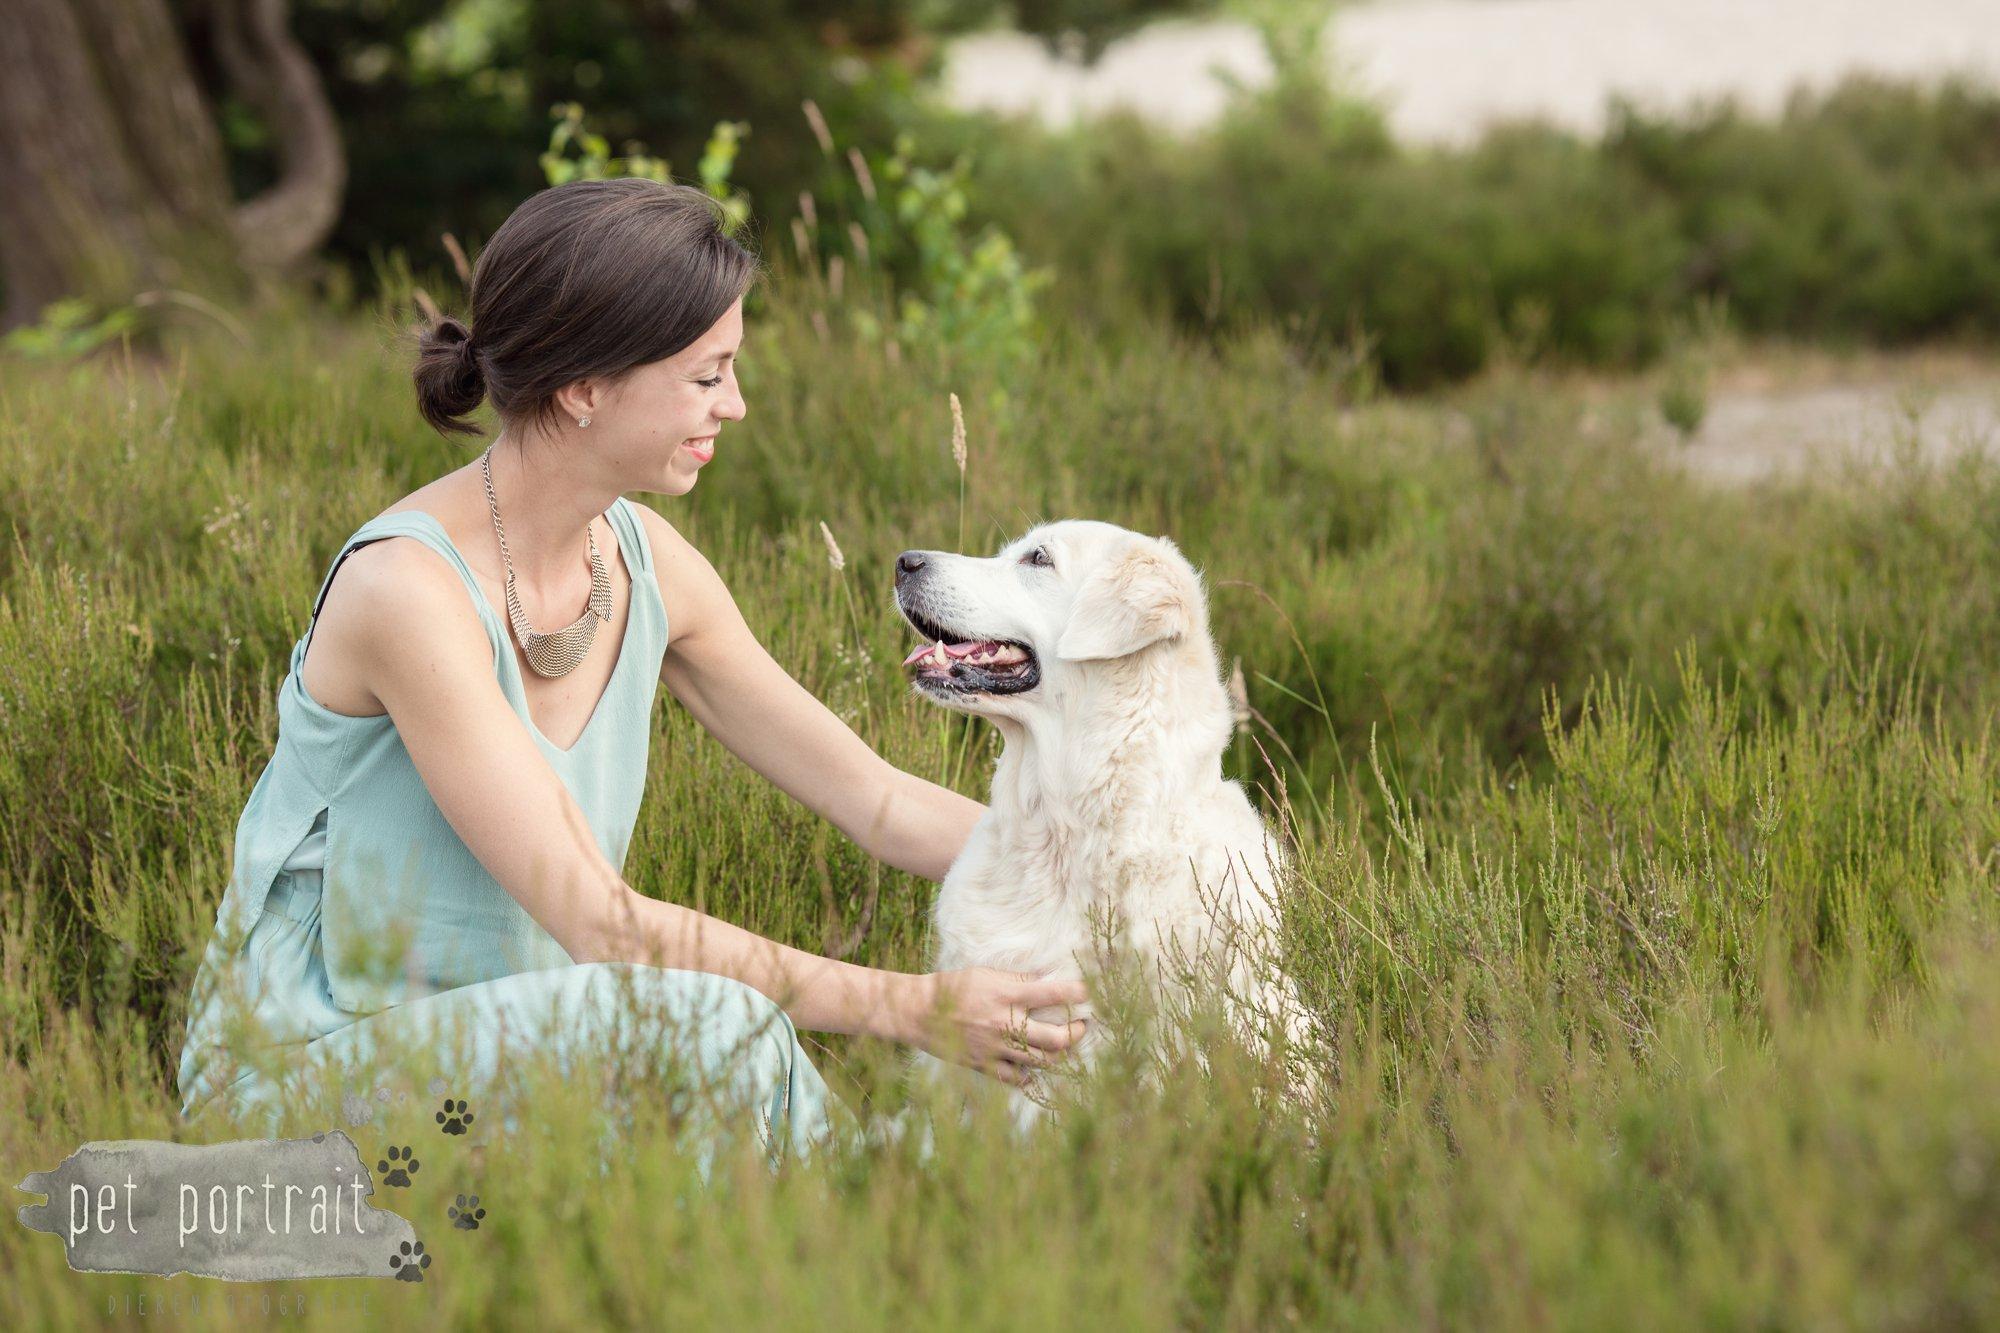 Hondenfotograaf Soest - Dier en Baasje fotoshoot in de Soesterduinen-8